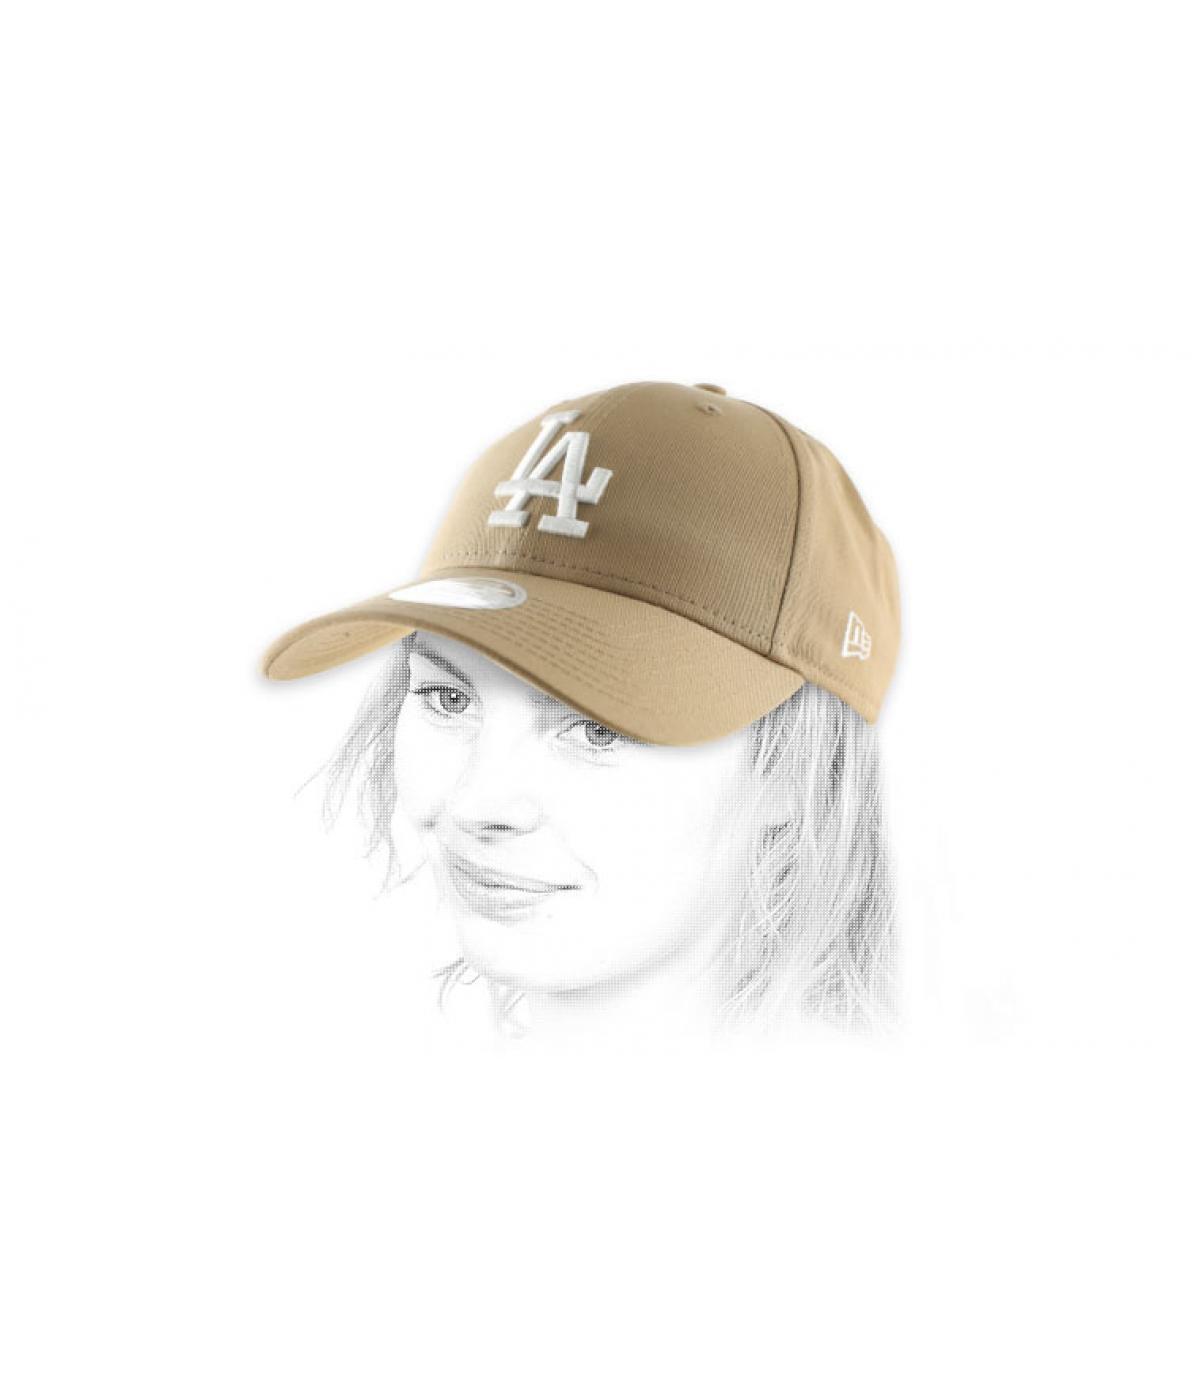 casquette femme LA beige